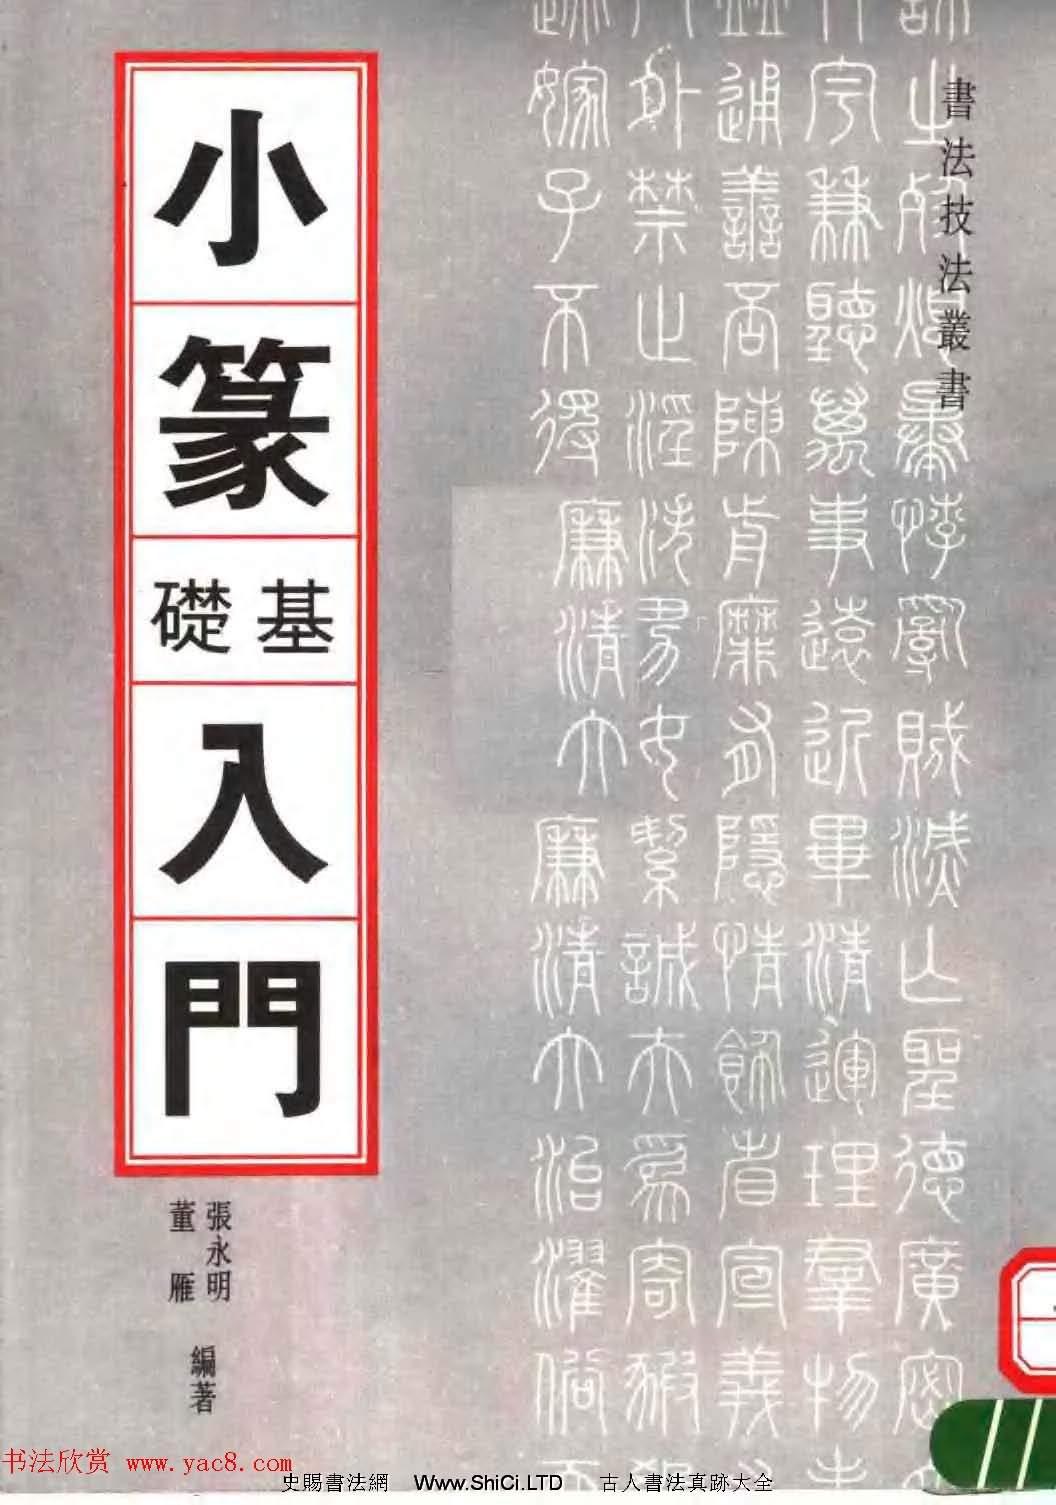 書法技法叢書字帖《小篆基礎入門》(共74張圖片)